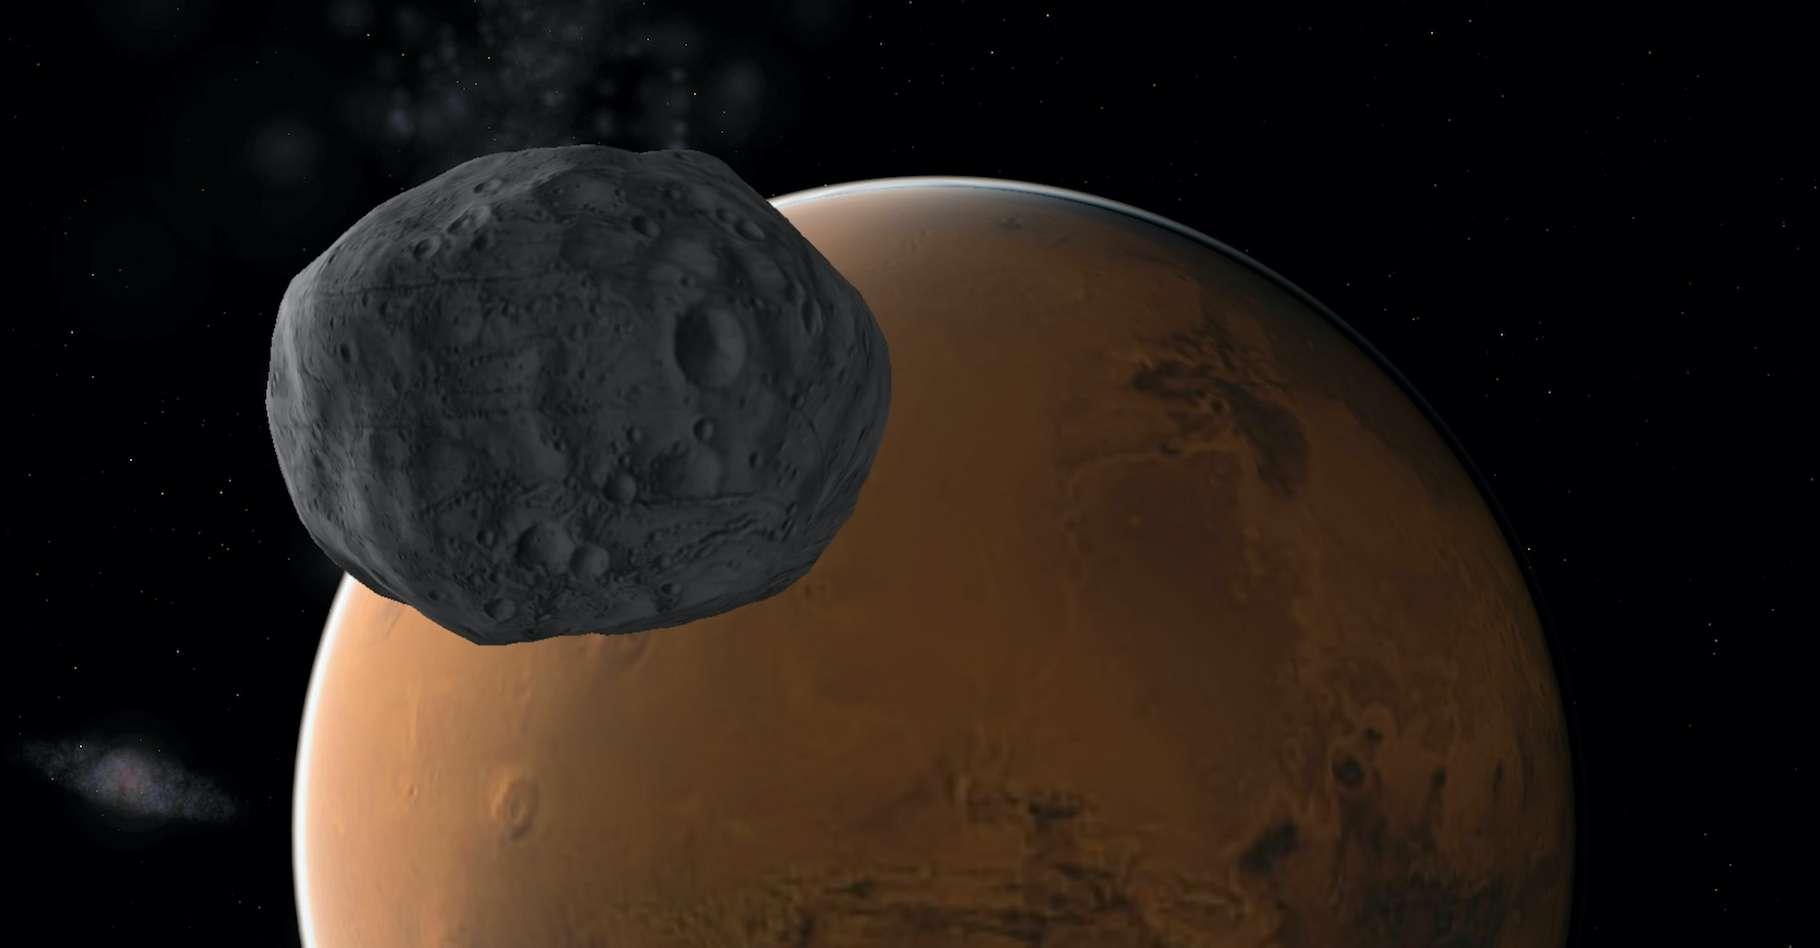 Le 4 avril 2020, Phobos, la plus grande lune de Mars, a éclipsé le Soleil. © NJ, Adobe Stock